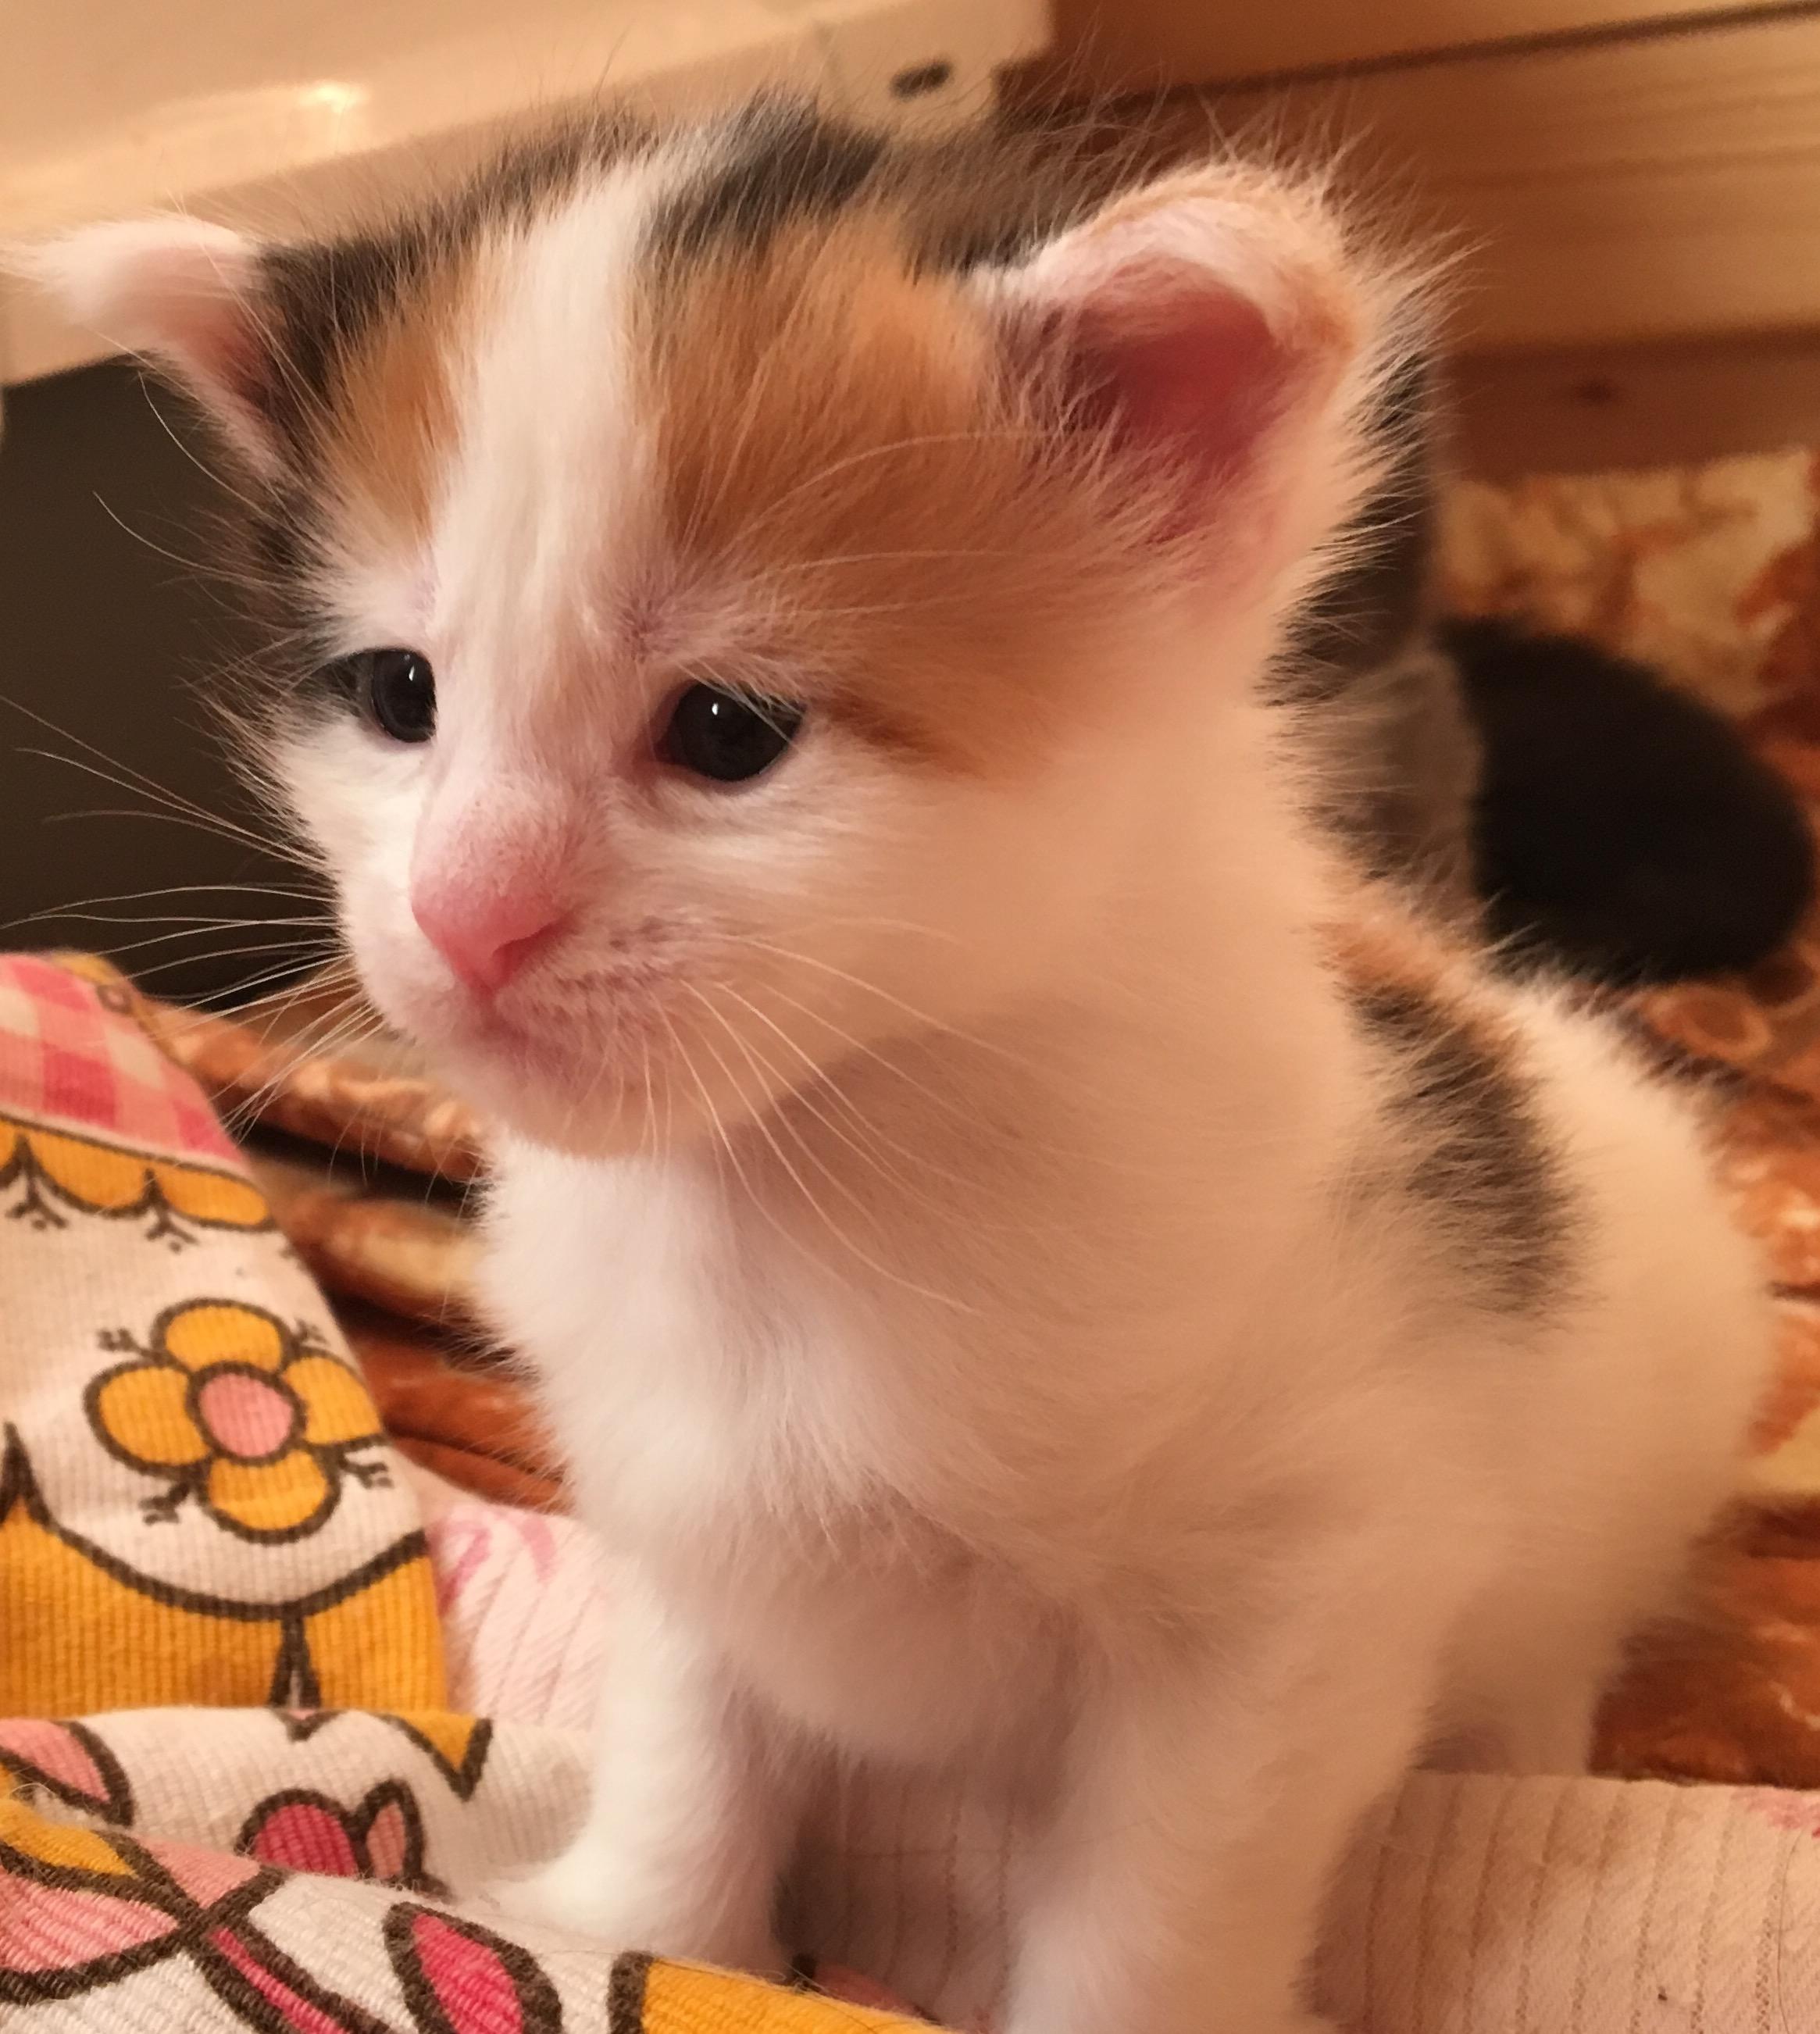 kočka VRH C: Cara Nikk von Erillian,CZ